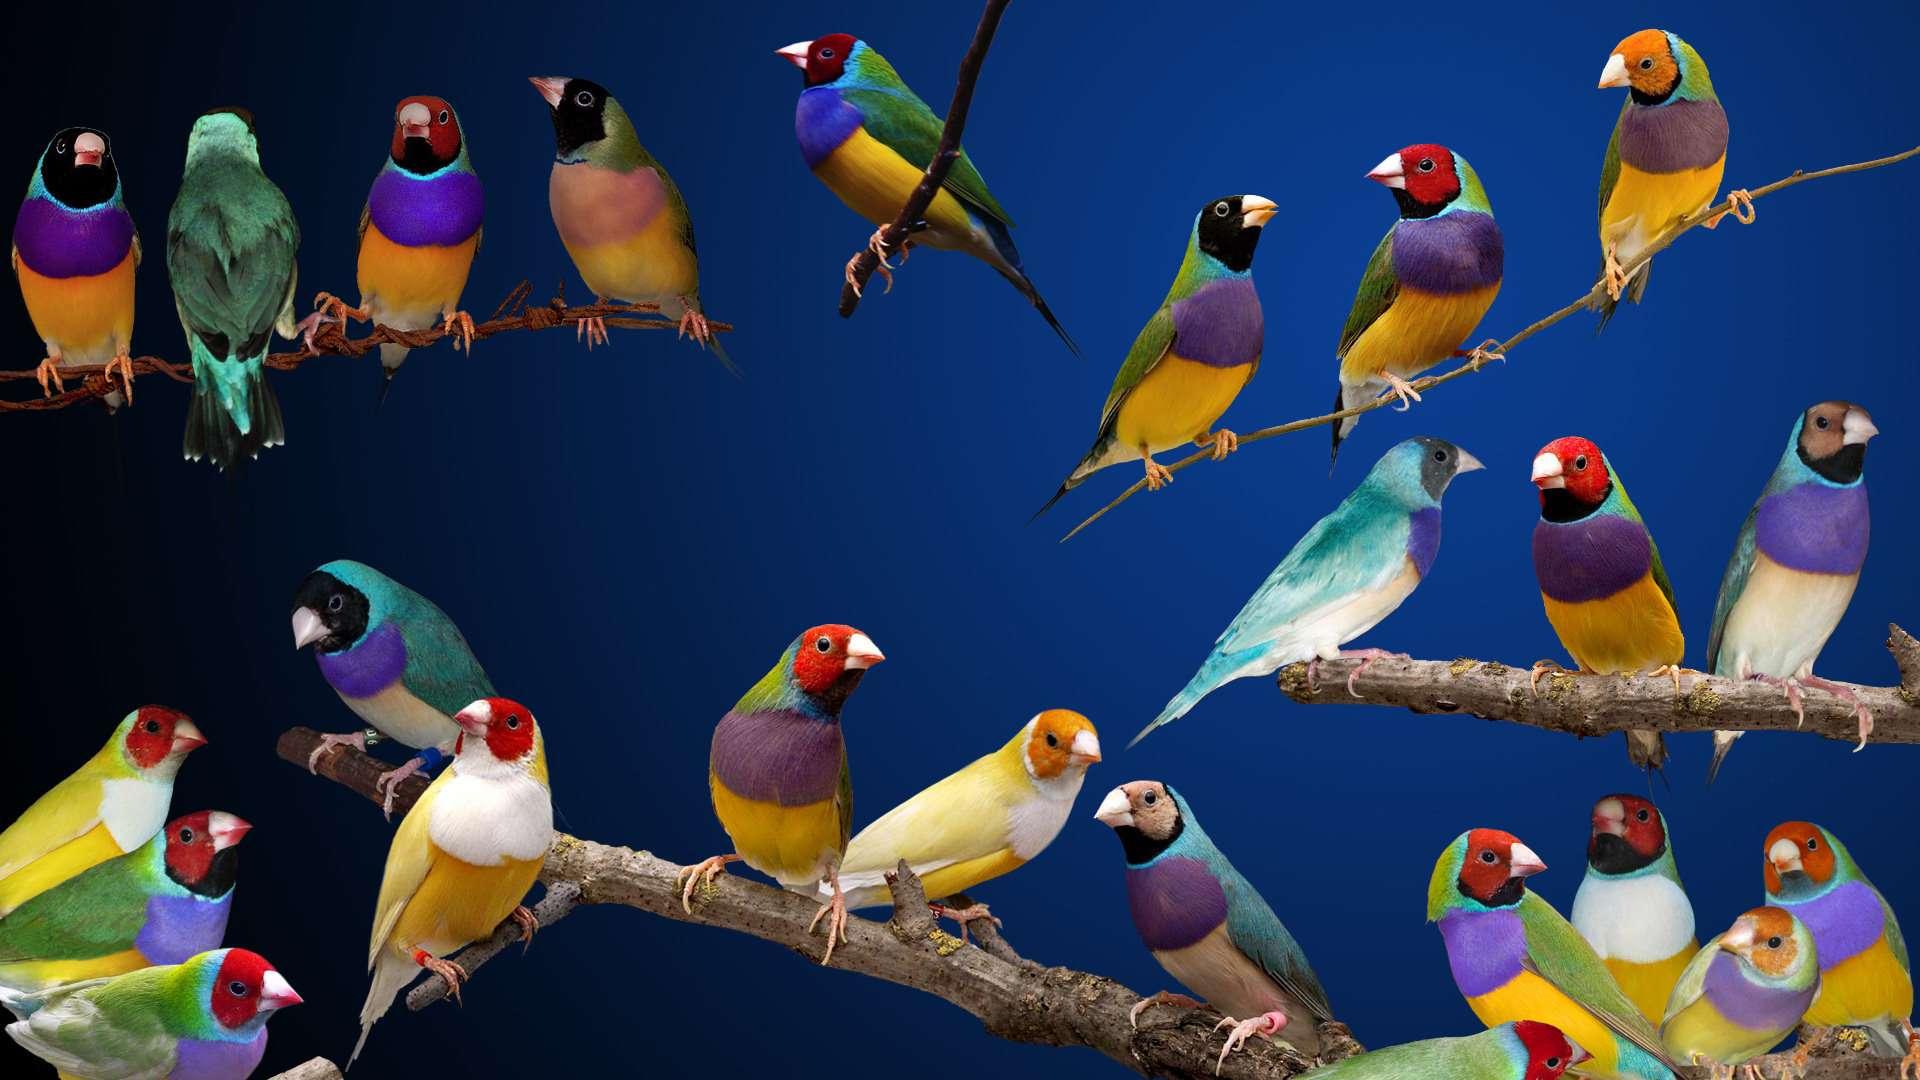 Bird Wallpaper 040